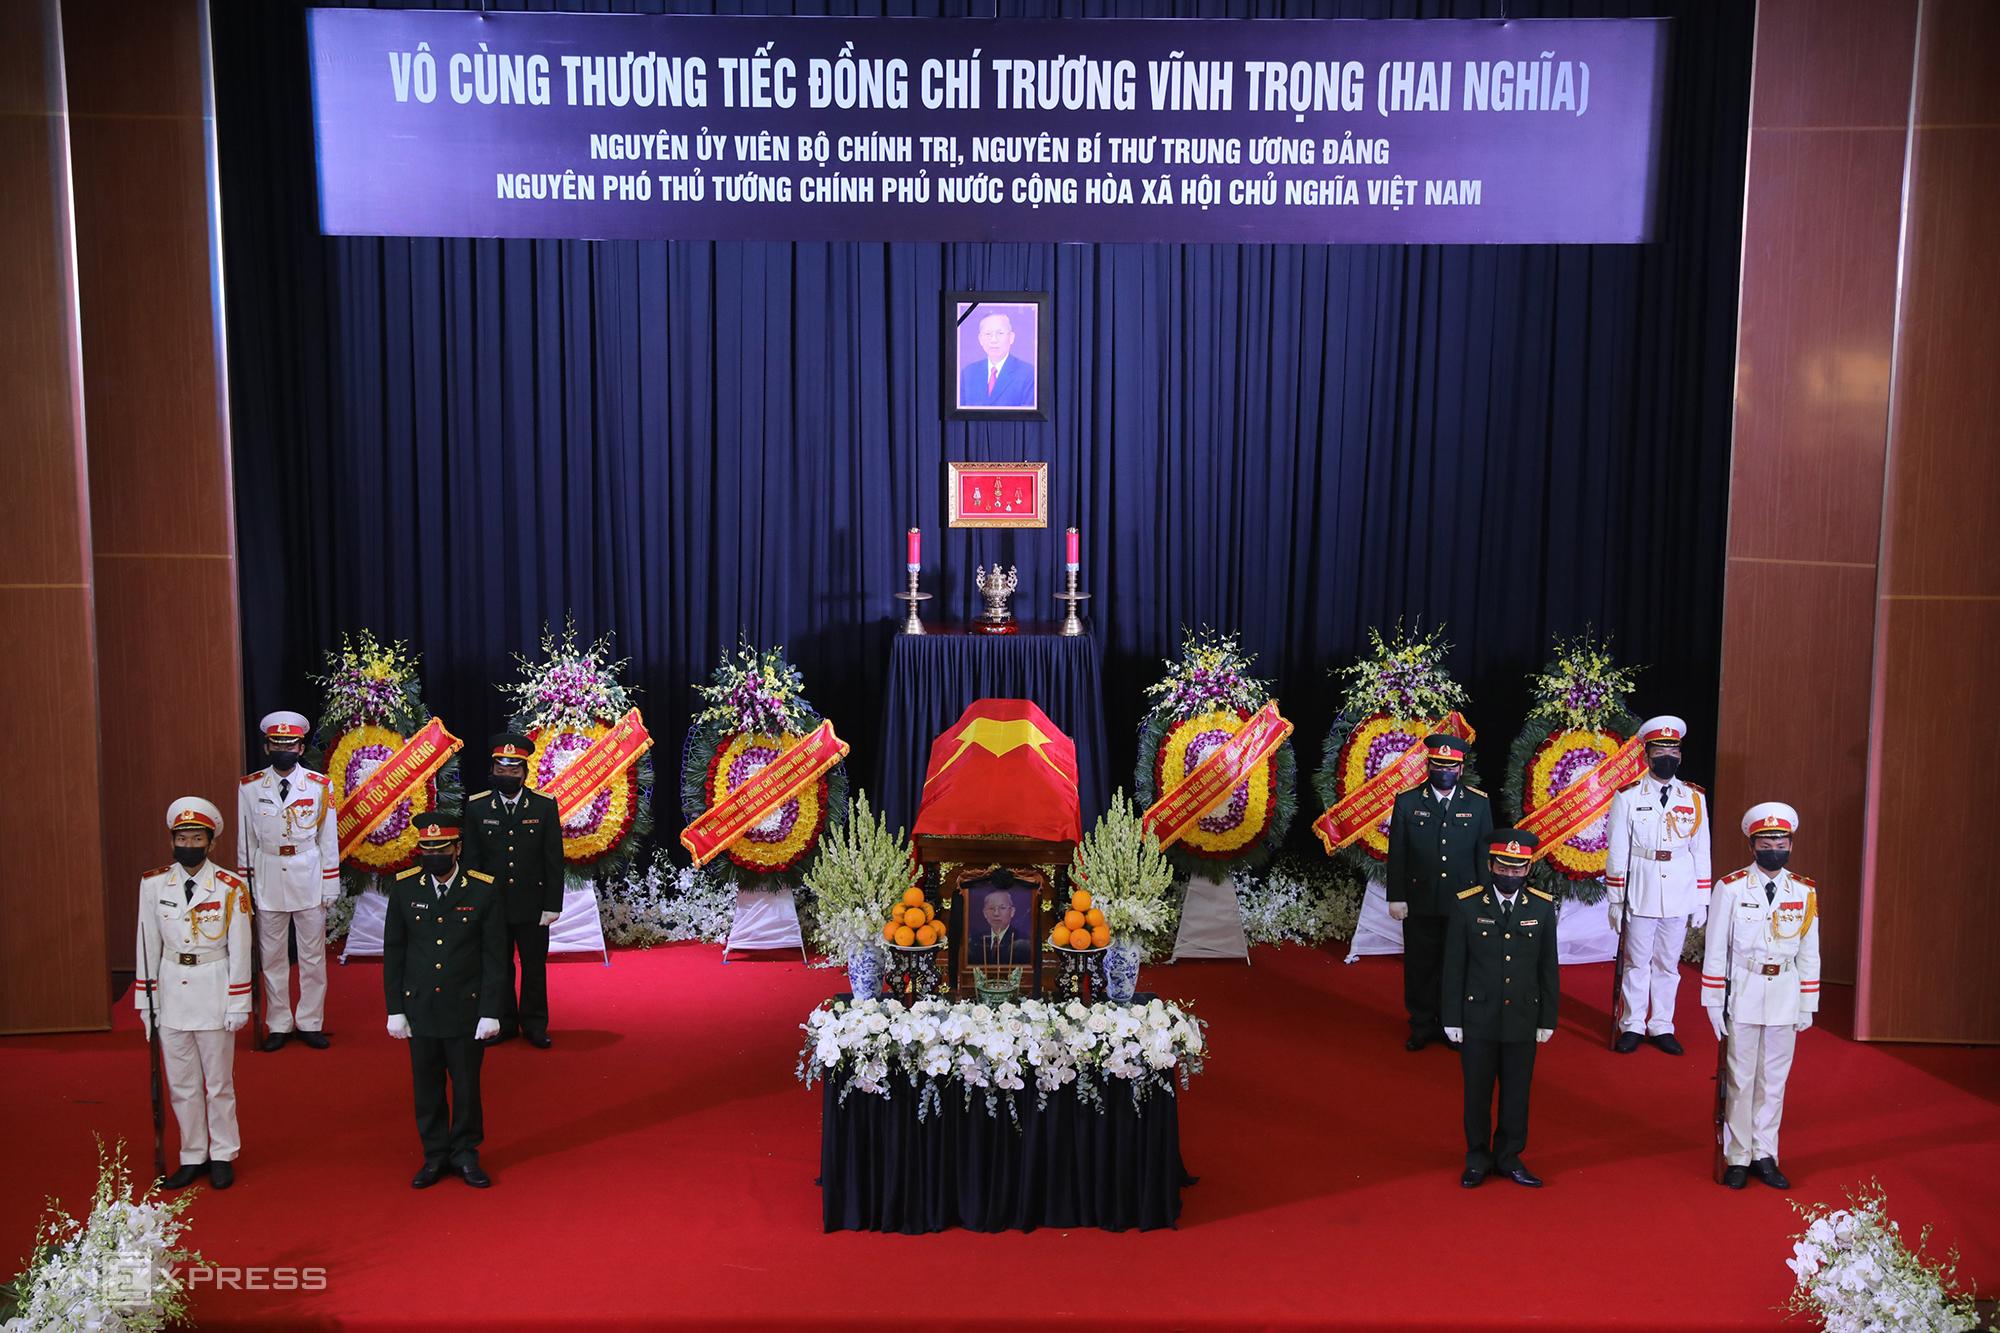 Linh cữu nguyên Phó thủ tướng Trương Vĩnh Trọng tại hội trường lớn UBND tỉnh Bến Tre, ngày 21/2. Ảnh: Quỳnh Trần